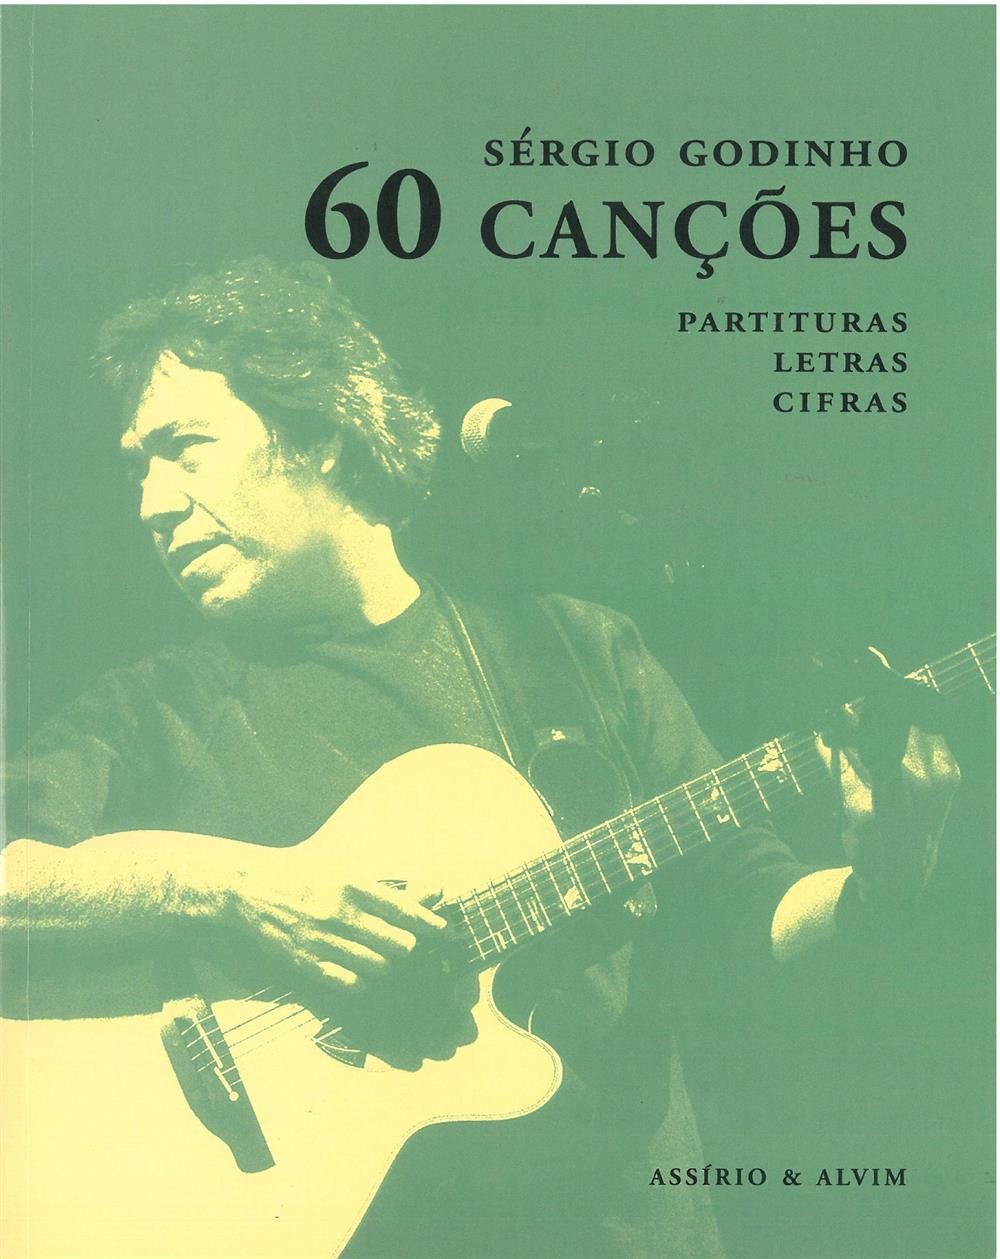 60 canções_.jpg